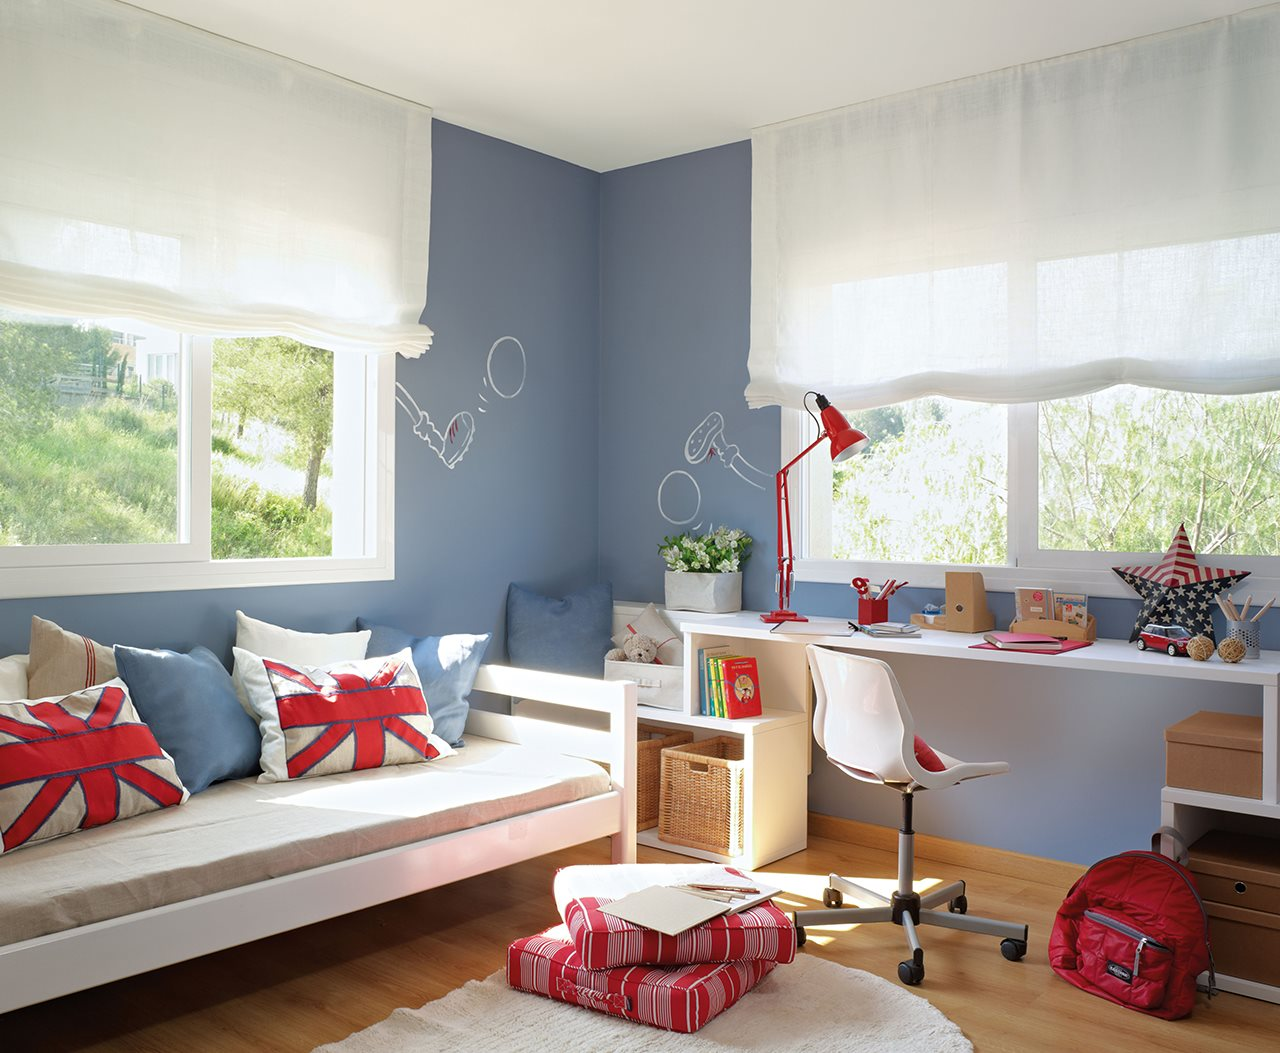 Ideas para pintar la habitaci n de los ni os - Habitaciones de ninos pintadas ...